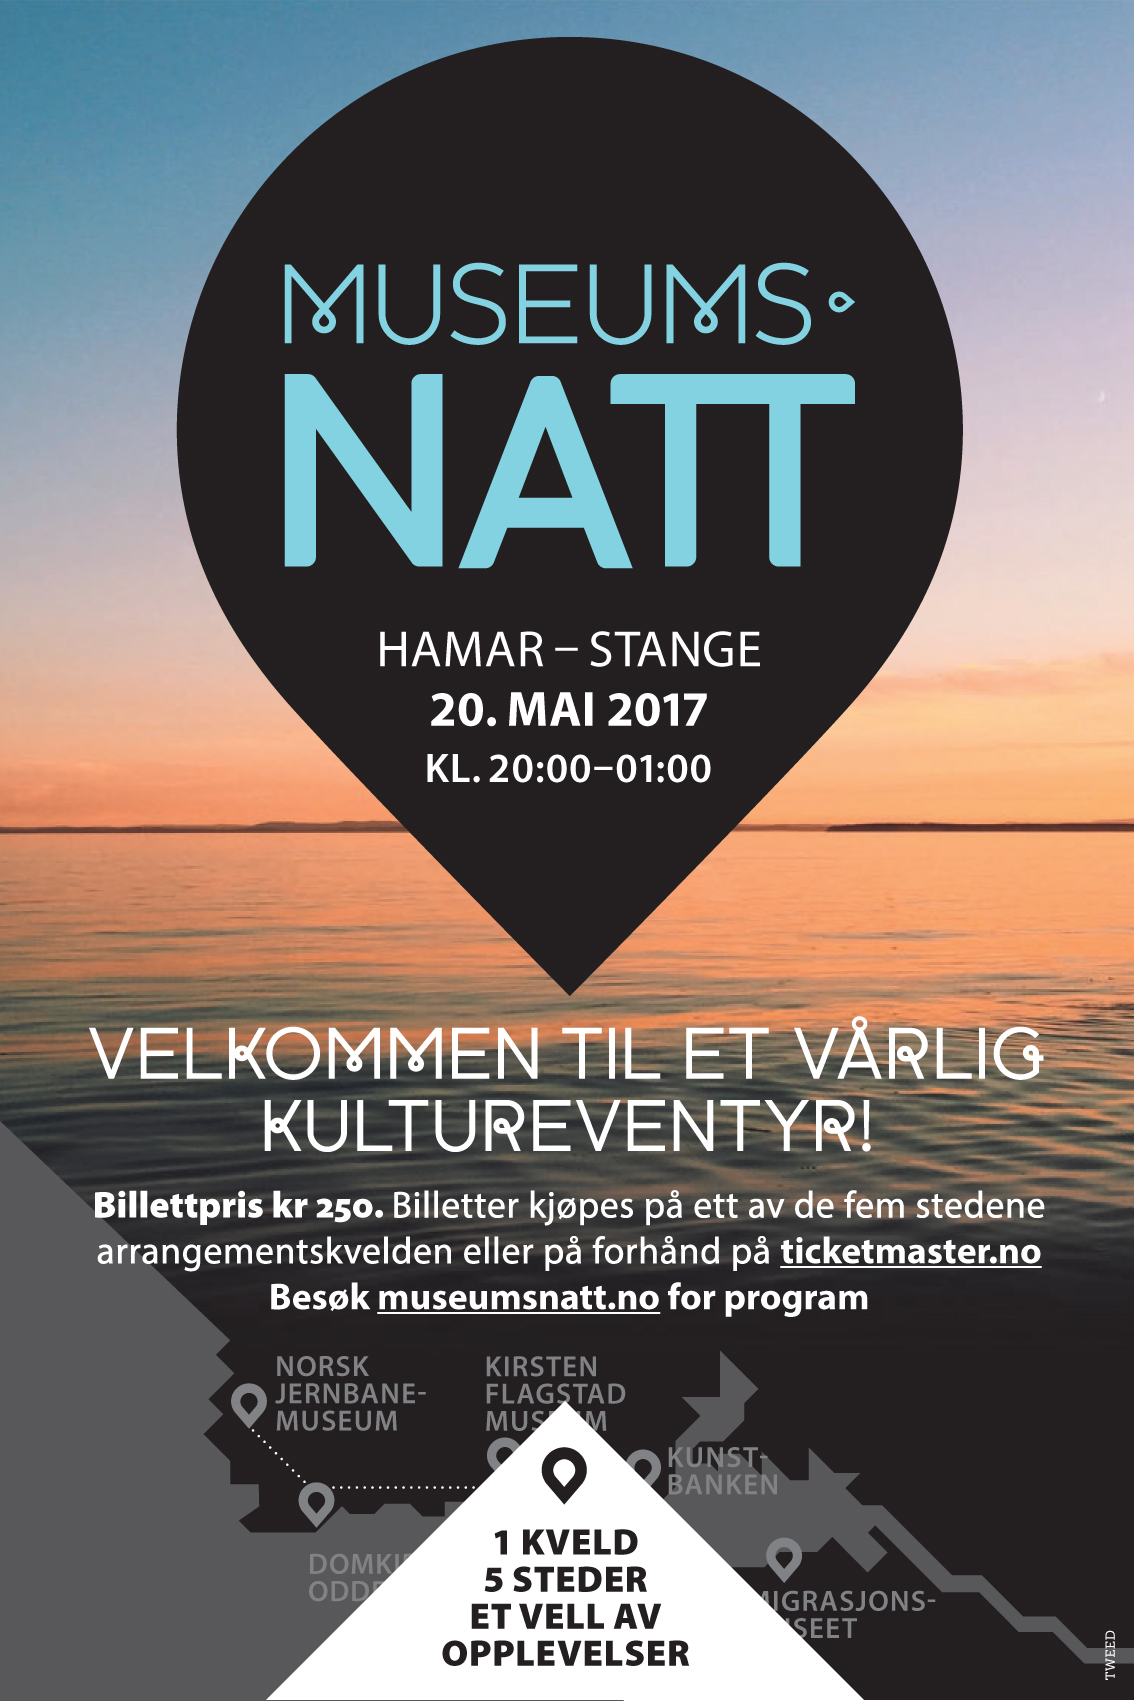 MuseumsNatt annonse M22.indd